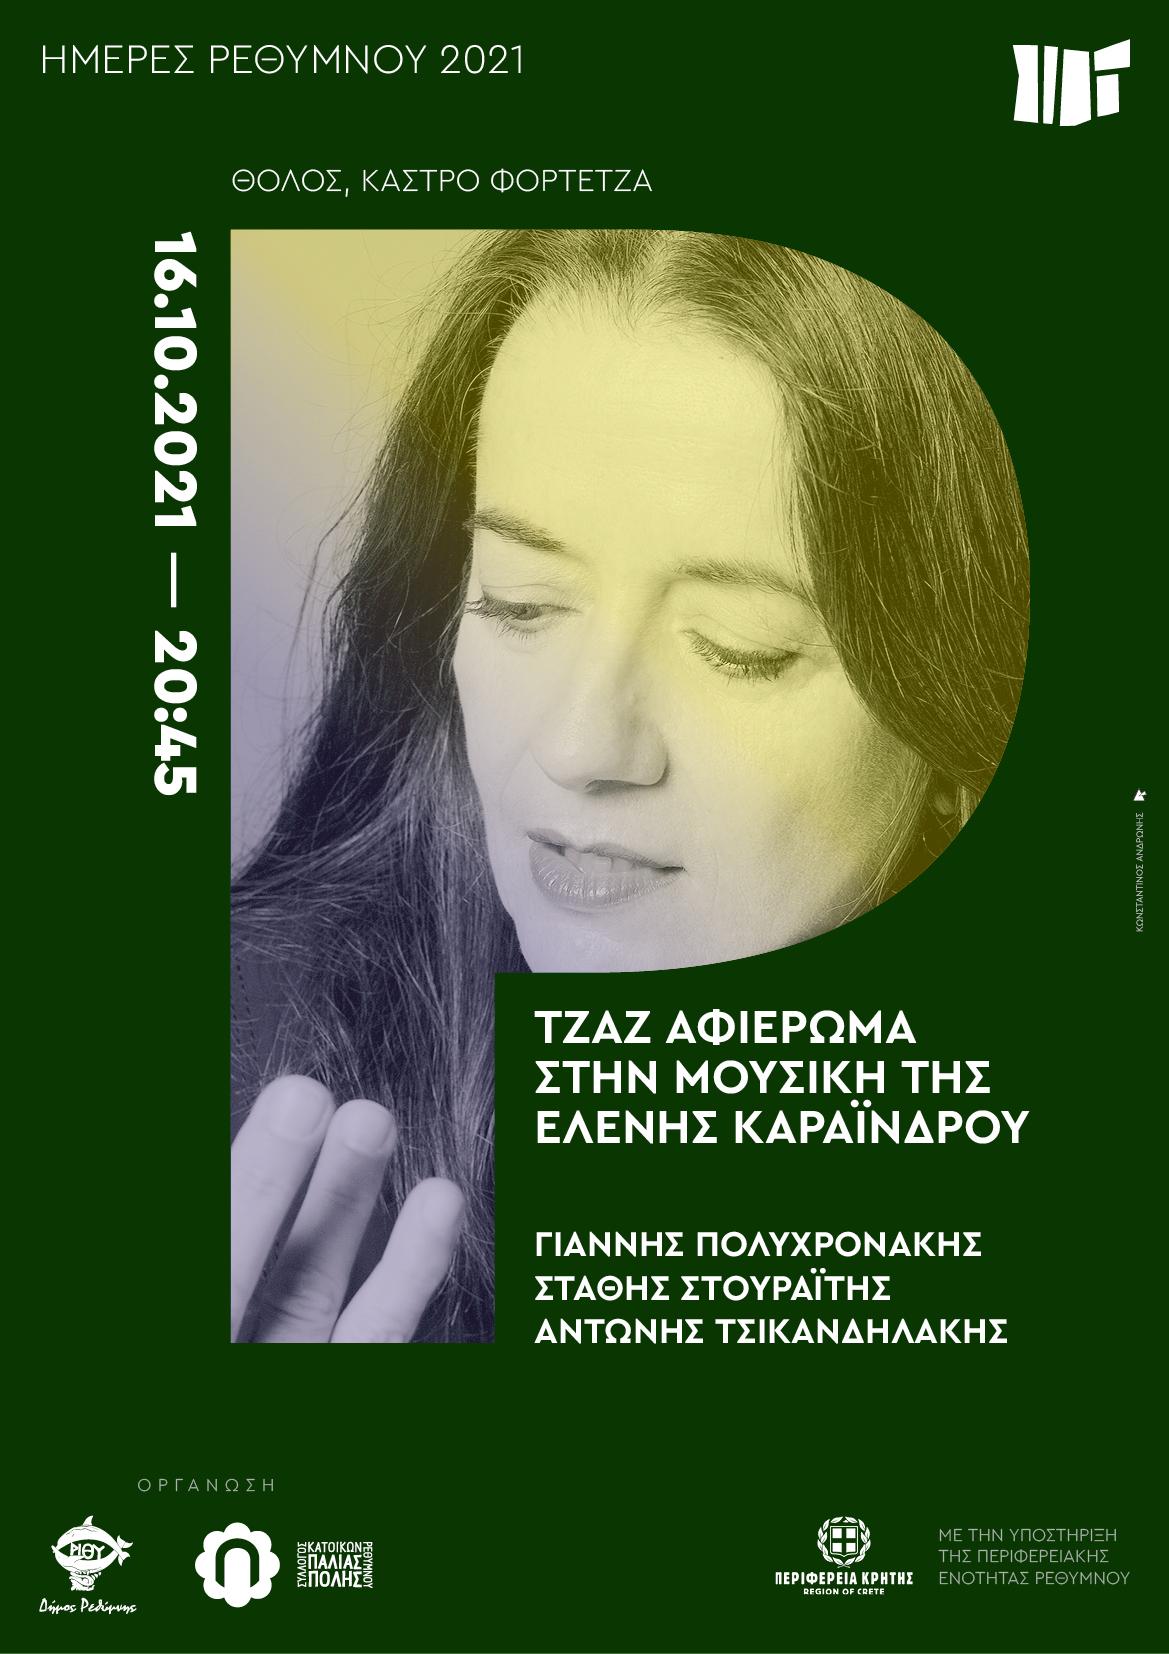 Συναυλία τζαζ – αφιέρωμα στην μουσική της Ελένης Καραΐνδρου